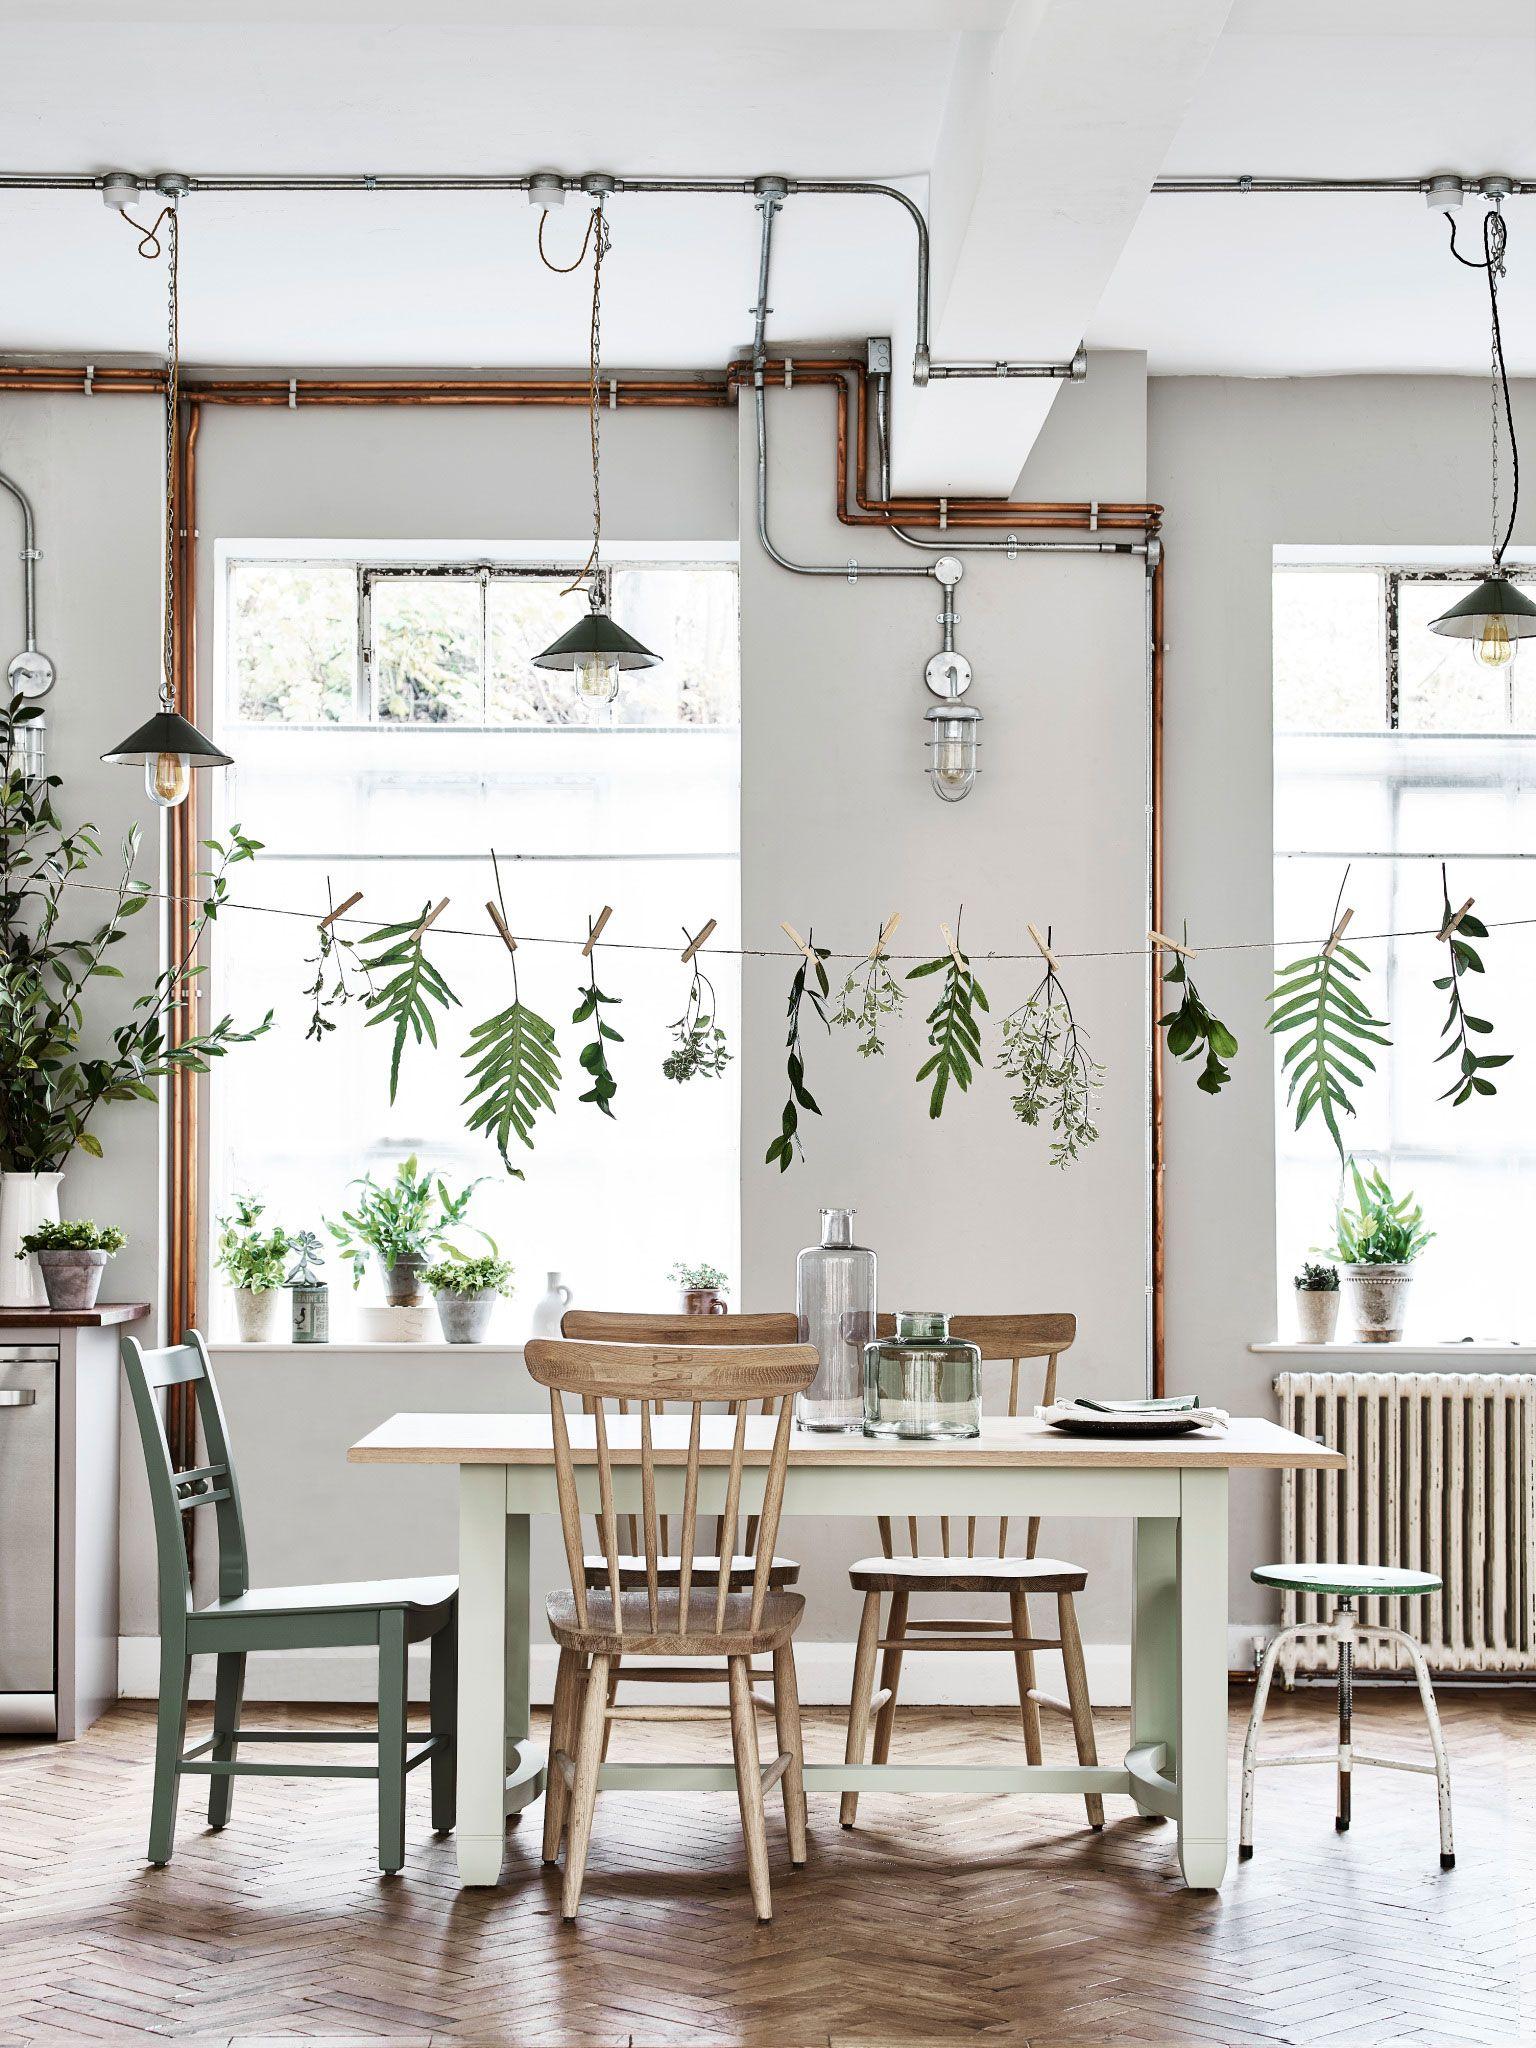 Kuche In Zartem Mintgrun Und Grun Haus Deko Dekor Innenarchitektur Wohnzimmer